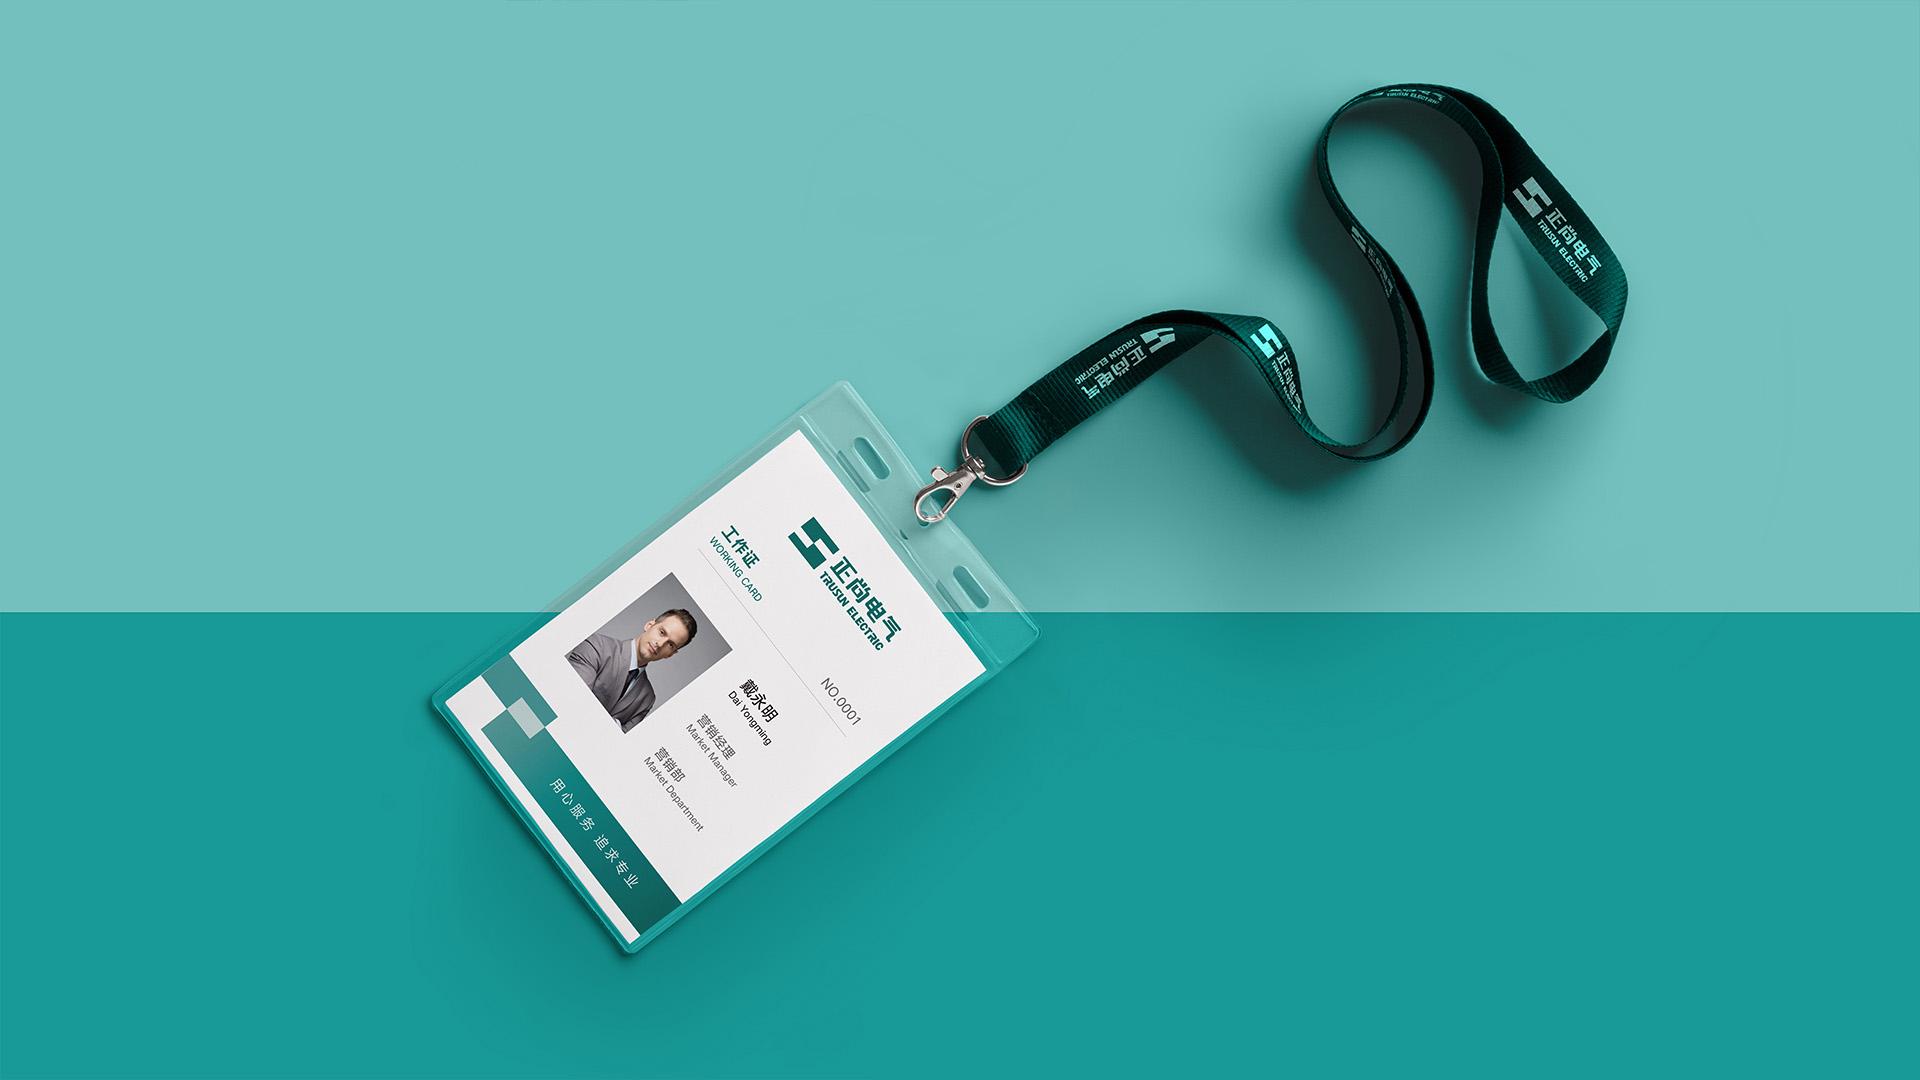 正尚电气品牌形象升级设计vi设计